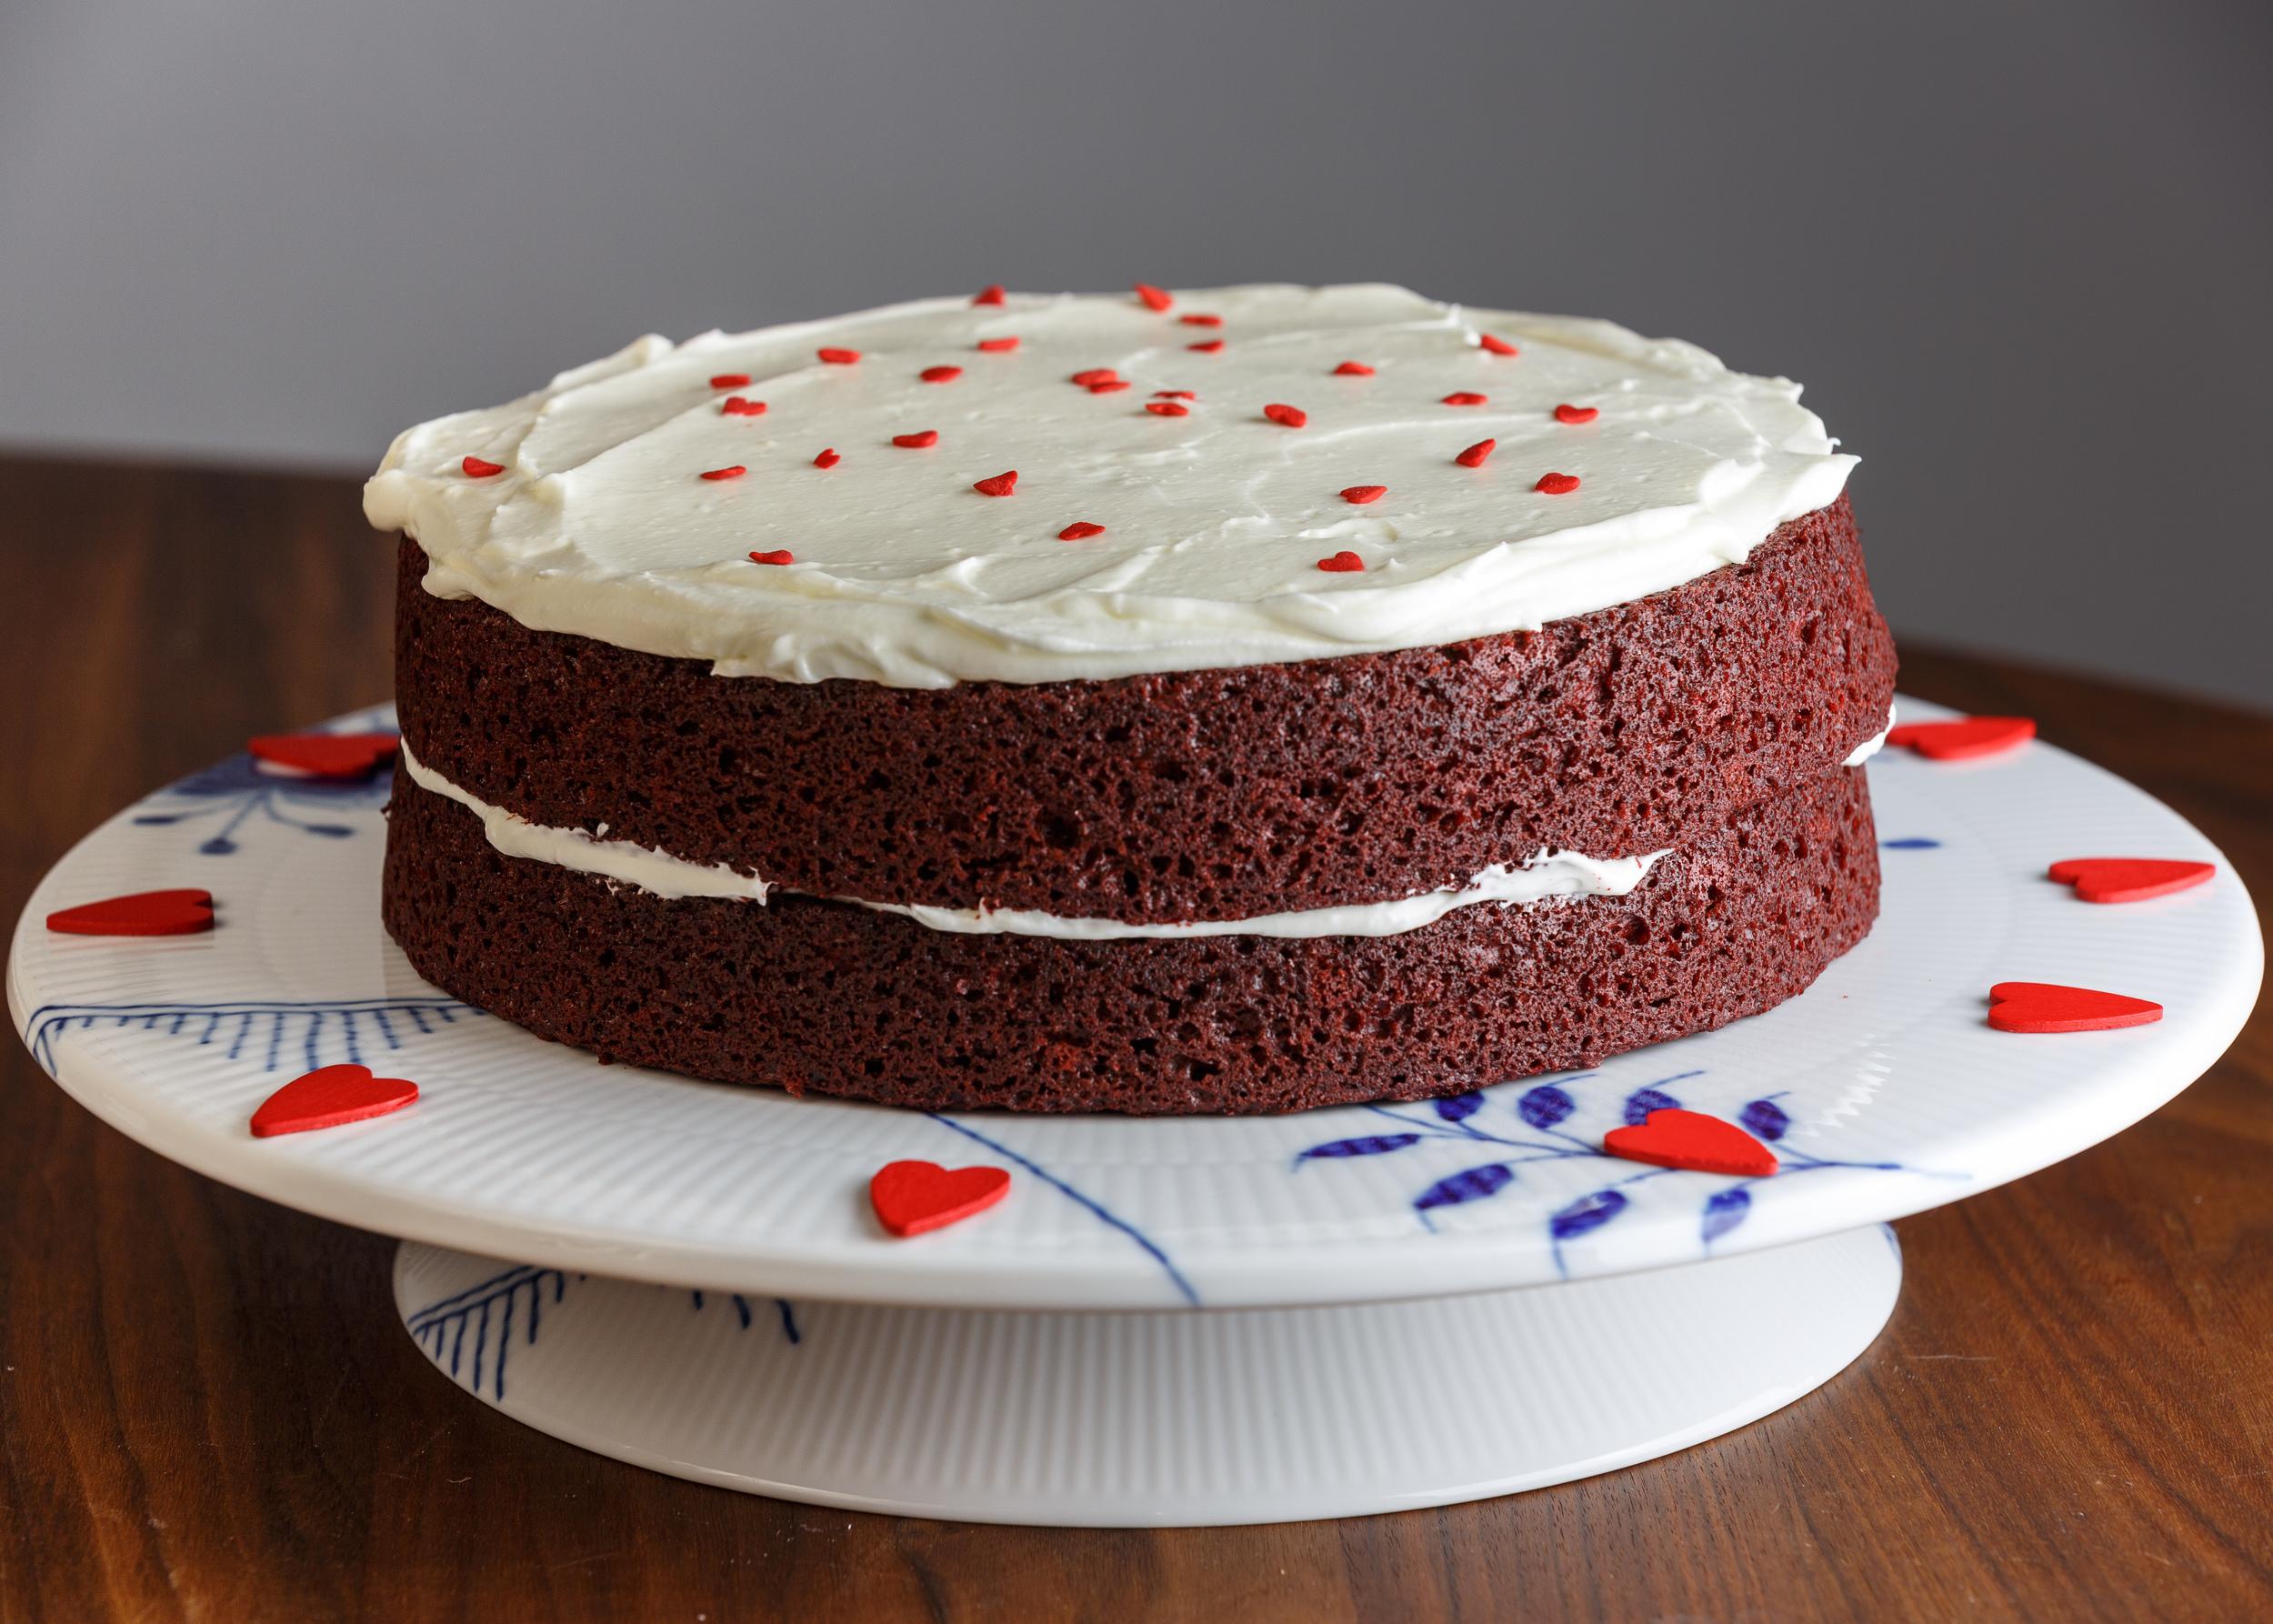 Red Velvet Cake for Valentine's day